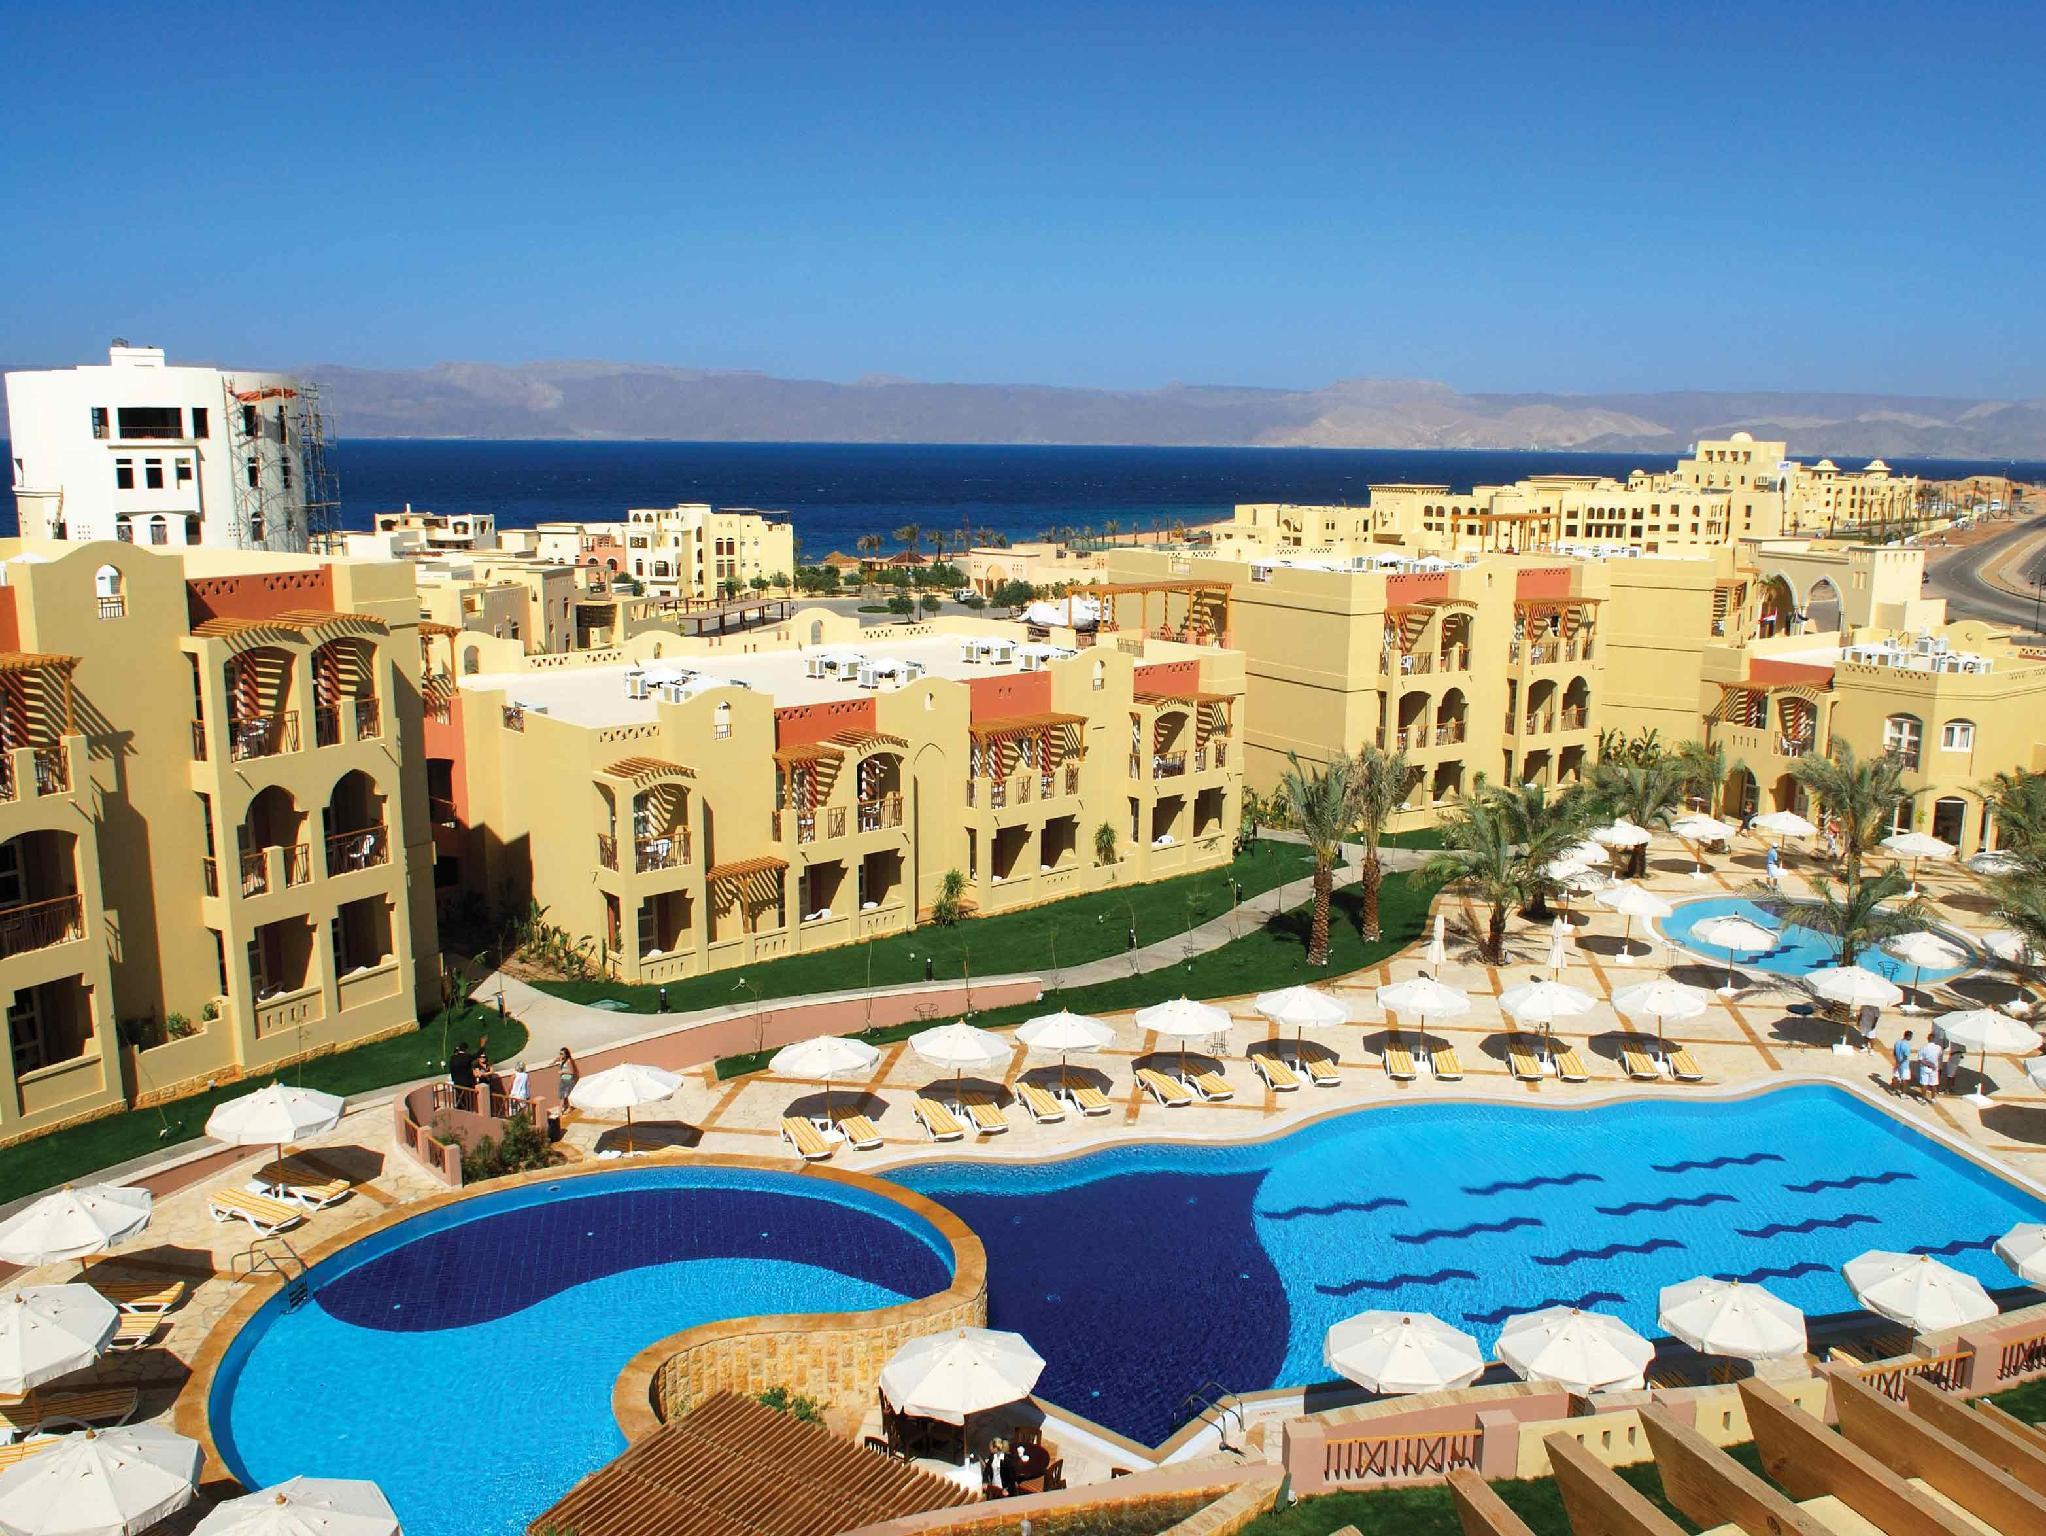 Marina Plaza Tala Bay Hotel (Aqaba) - Deals, Photos & Reviews